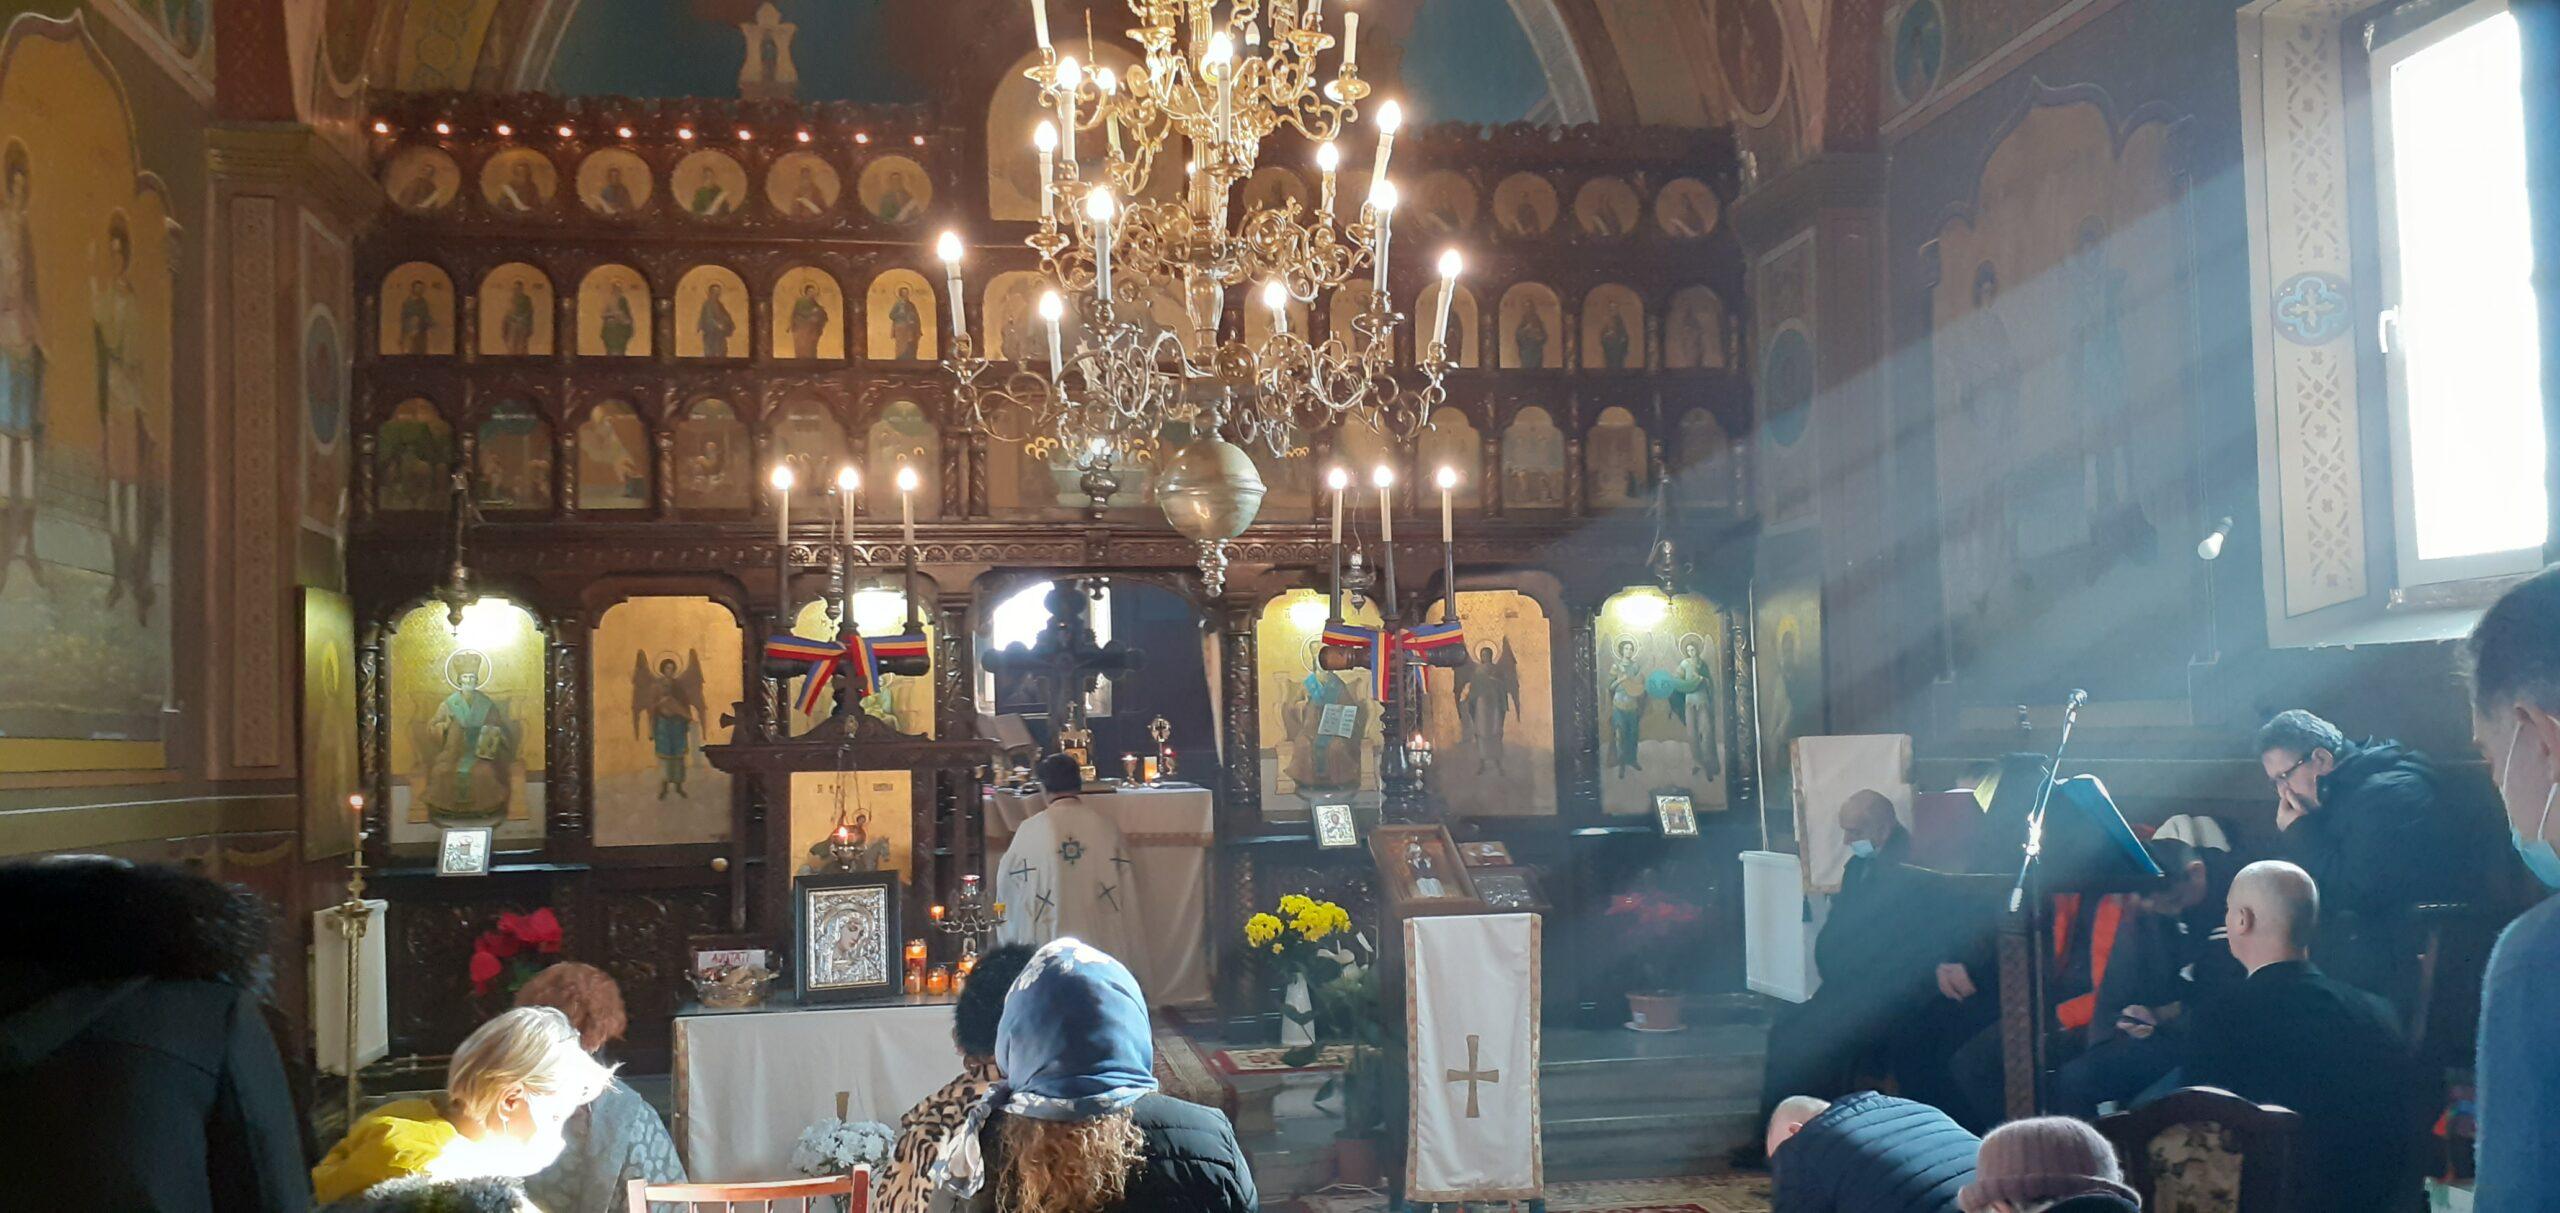 Biserica Sfintilor Arh. Mihail si Gavriil din Dascalu